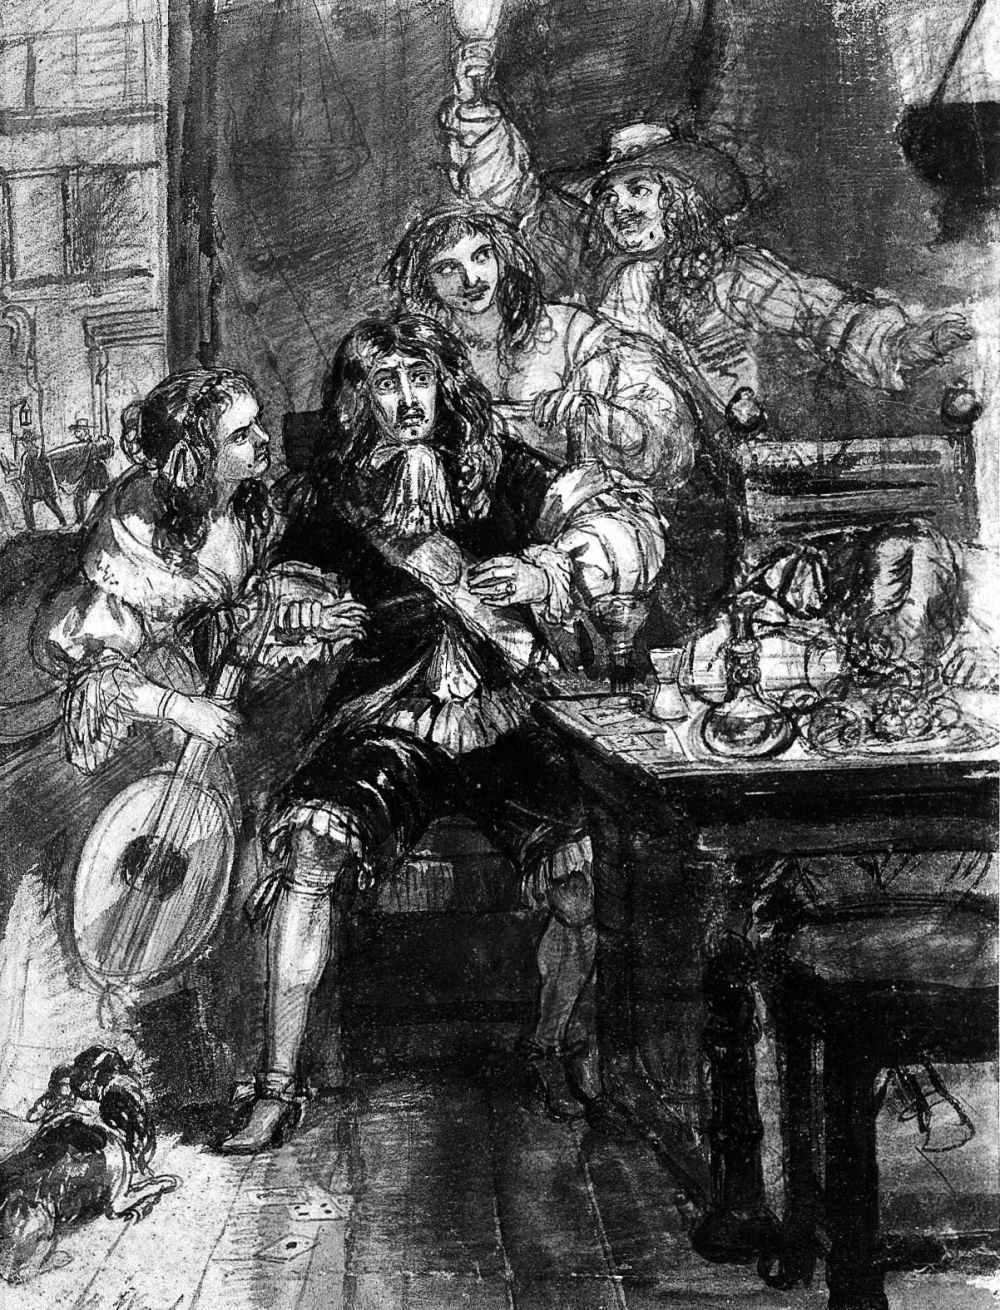 Edward Ward. Un hombre aterrorizado al darse cuenta de que ha contraído la peste. 1848. Wellcome Collection.